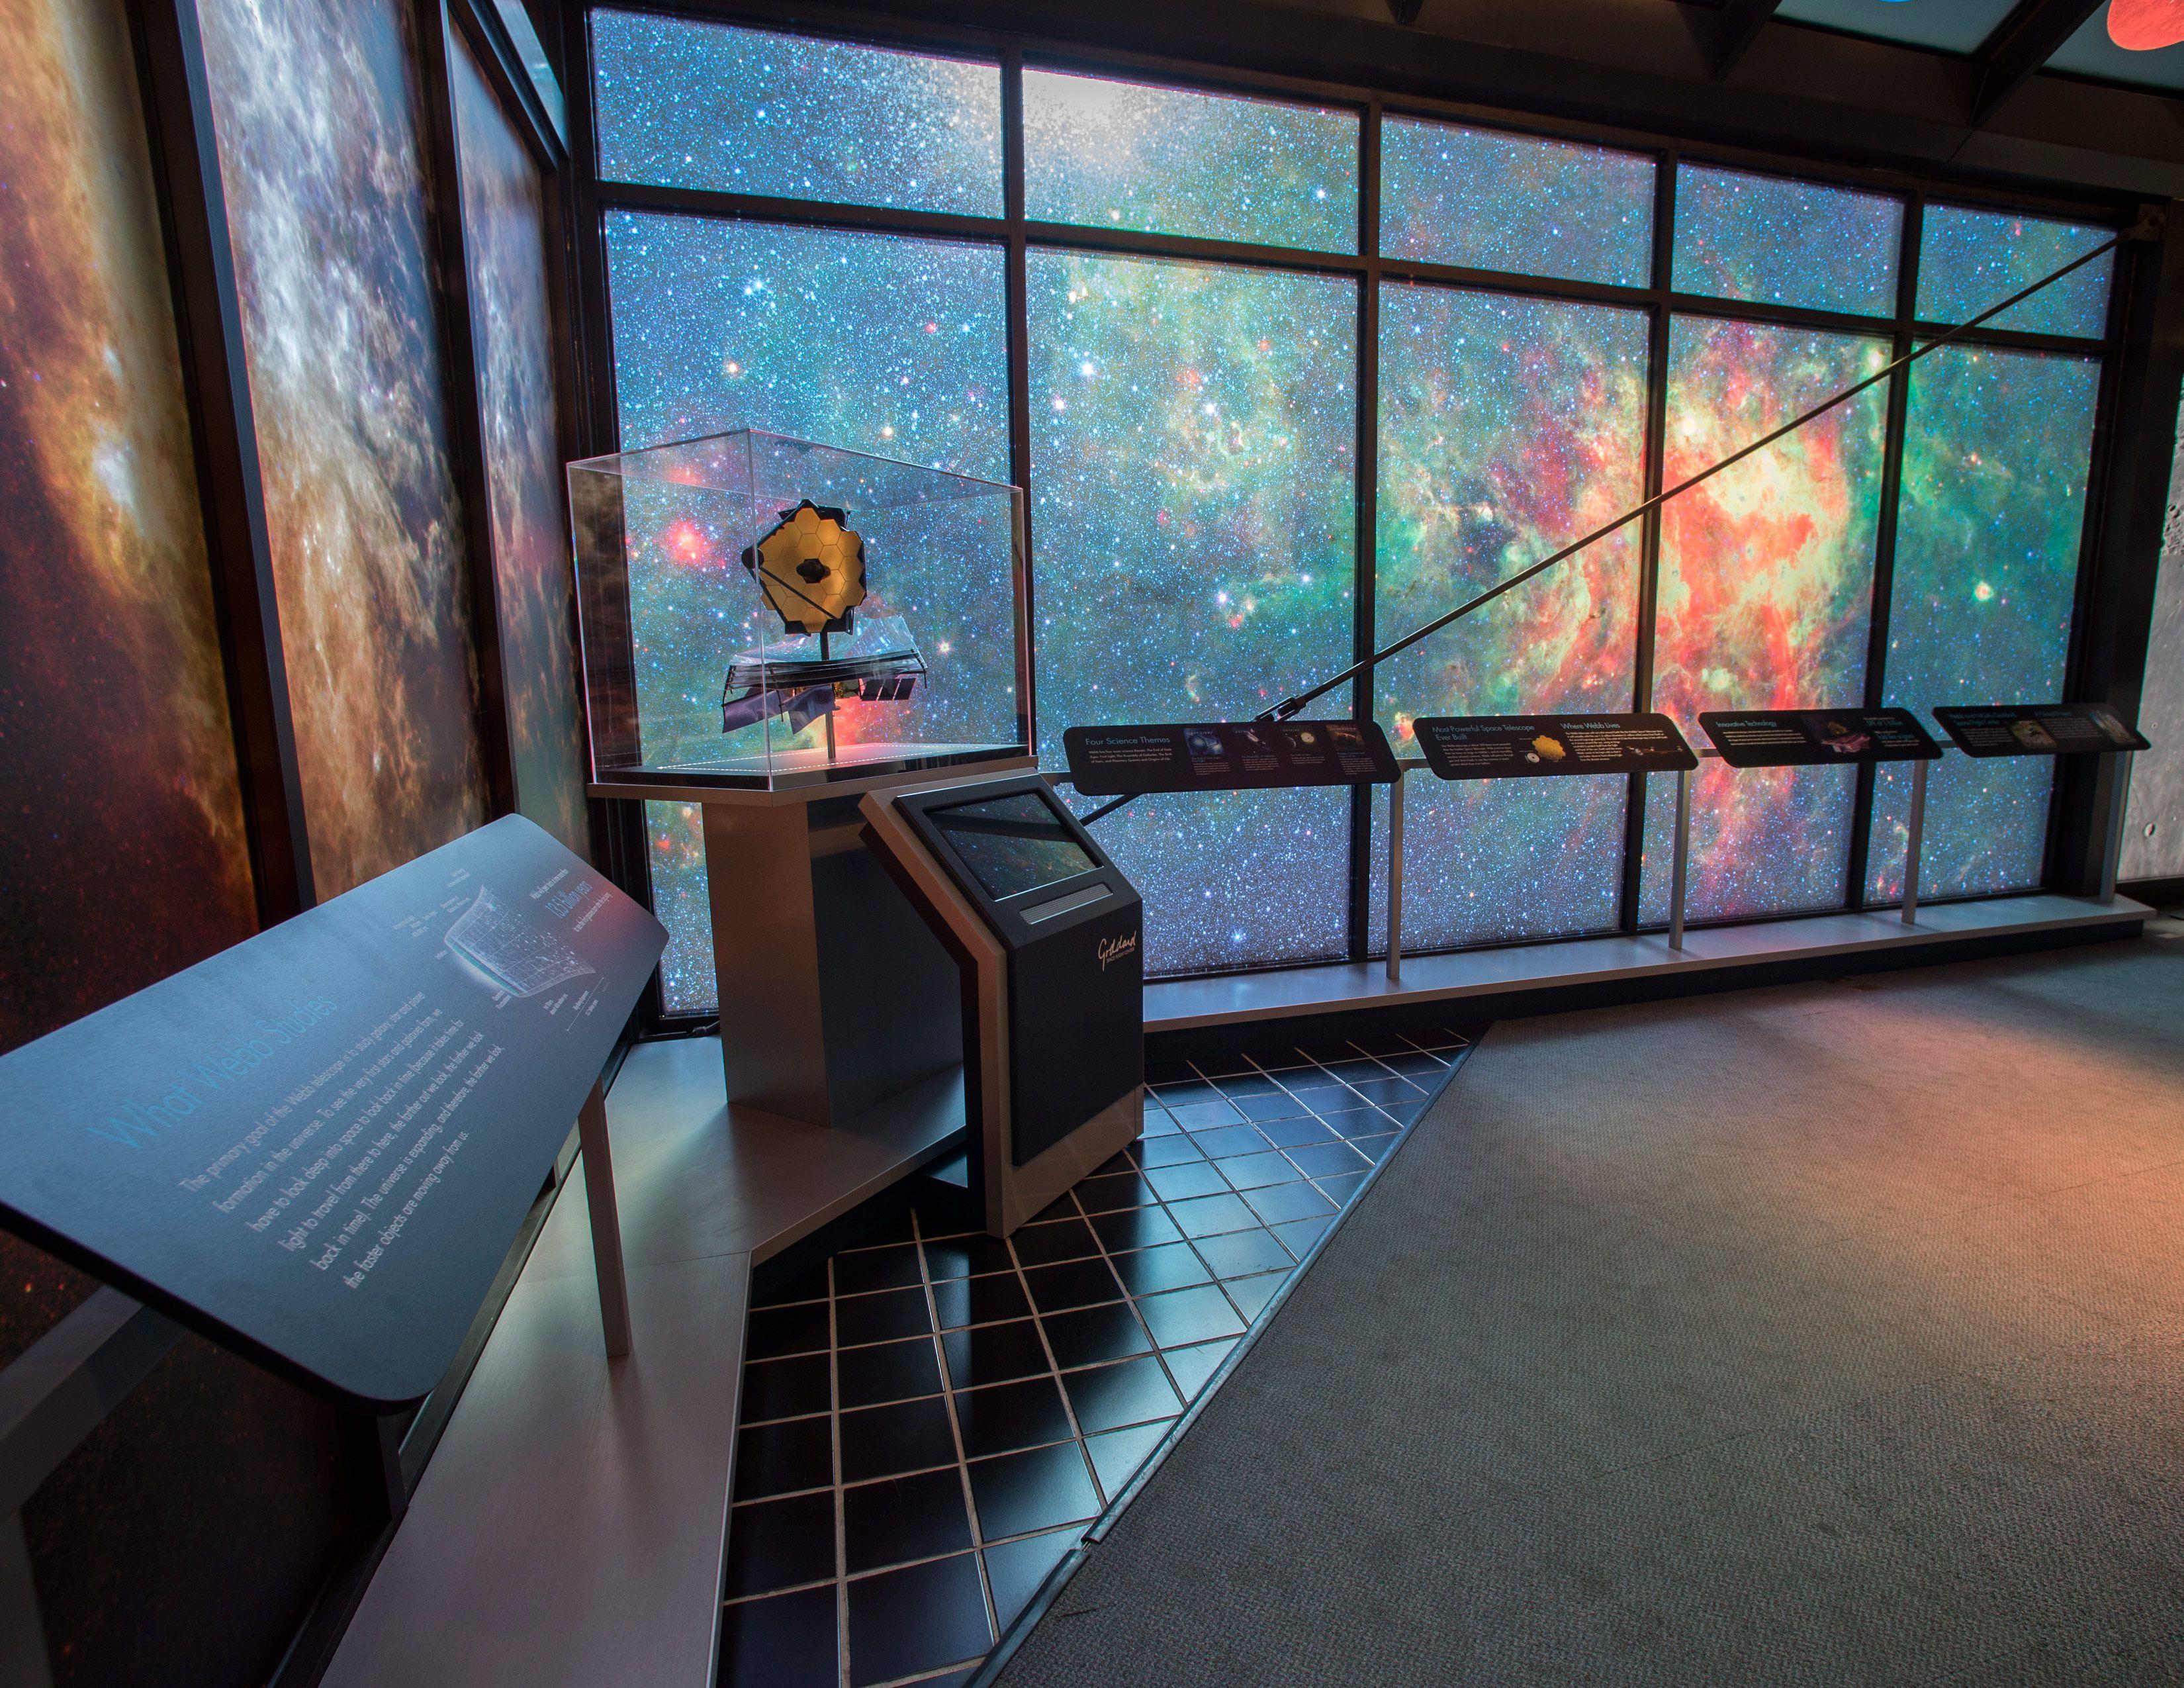 NASA Goddard Space Flight Center's Visitor Center